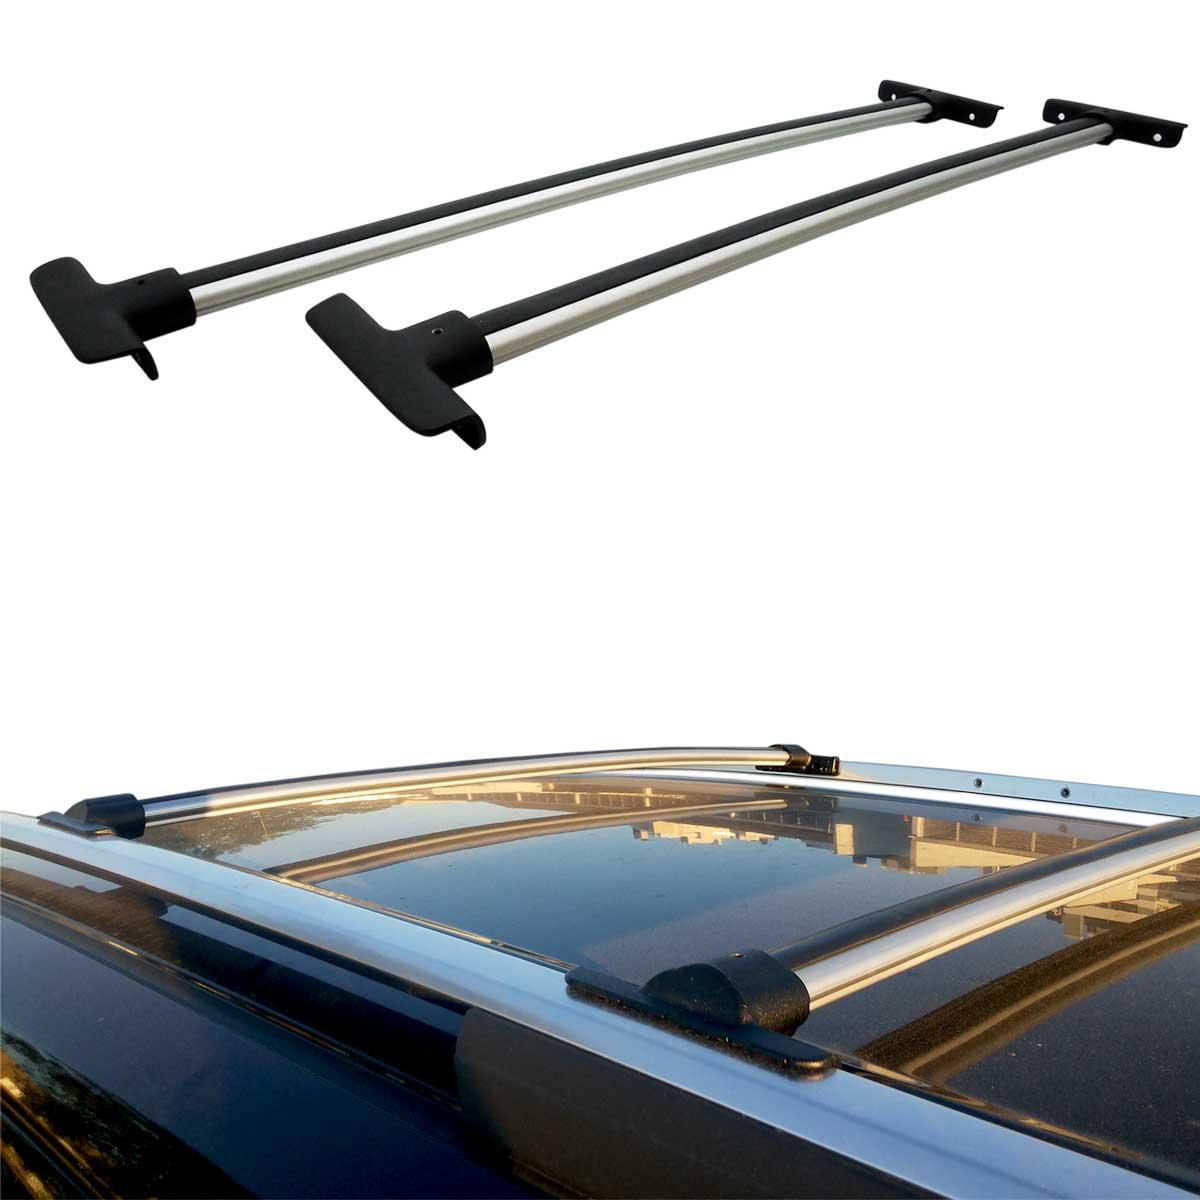 Travessa rack de teto Trailblazer 2013 a 2017 fixação original